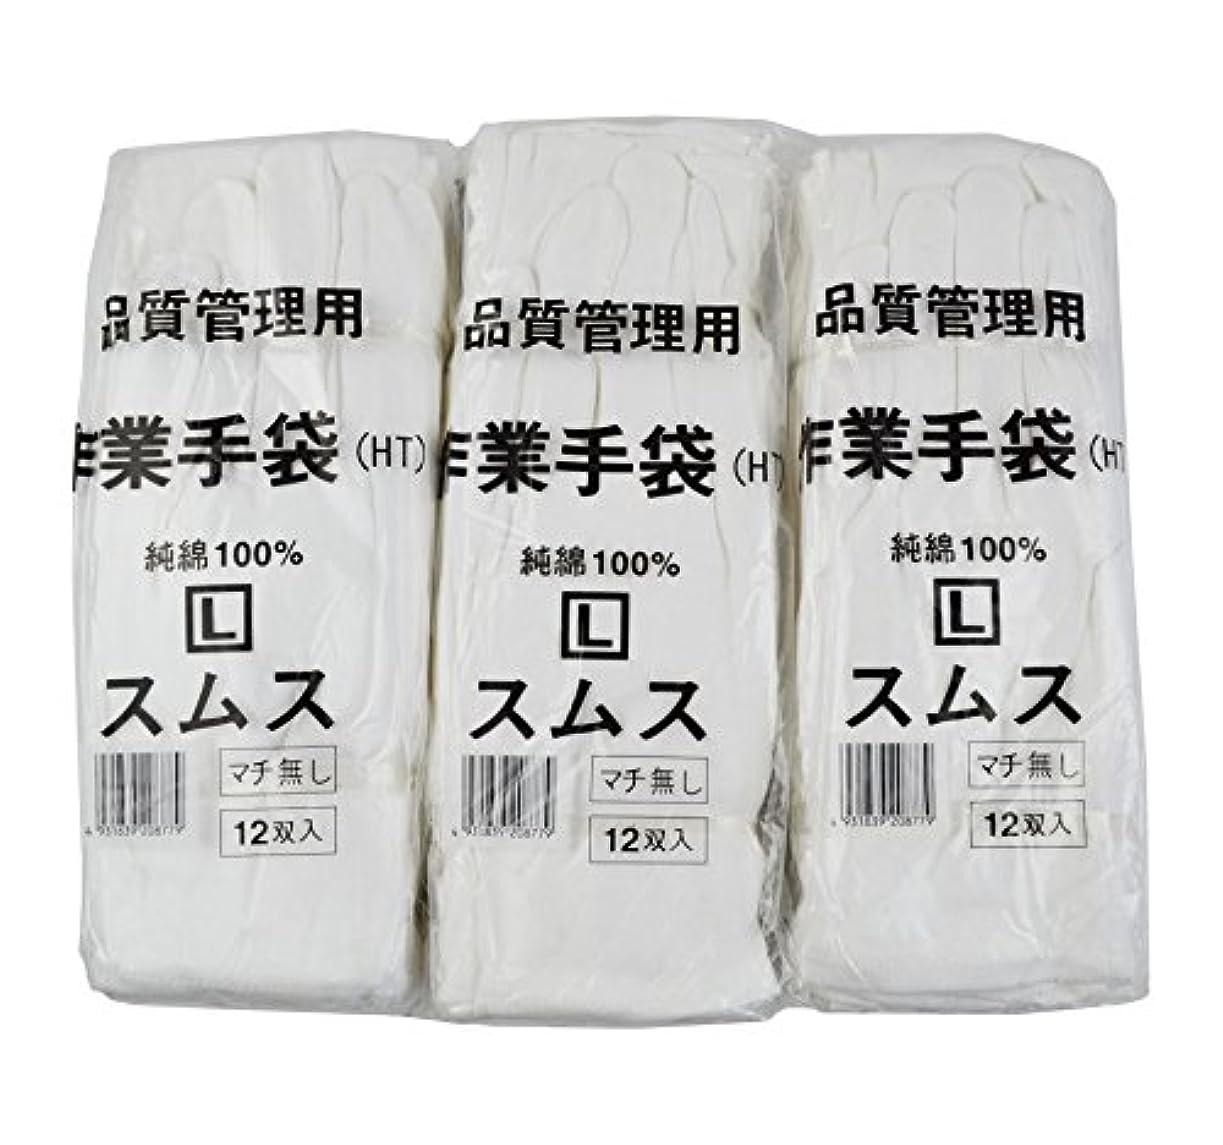 めまい与える韻【お得なセット売り】(36双) 純綿100% スムス 手袋 Lサイズ 12双×3袋セット 大人用 多用途 作業手袋 101118